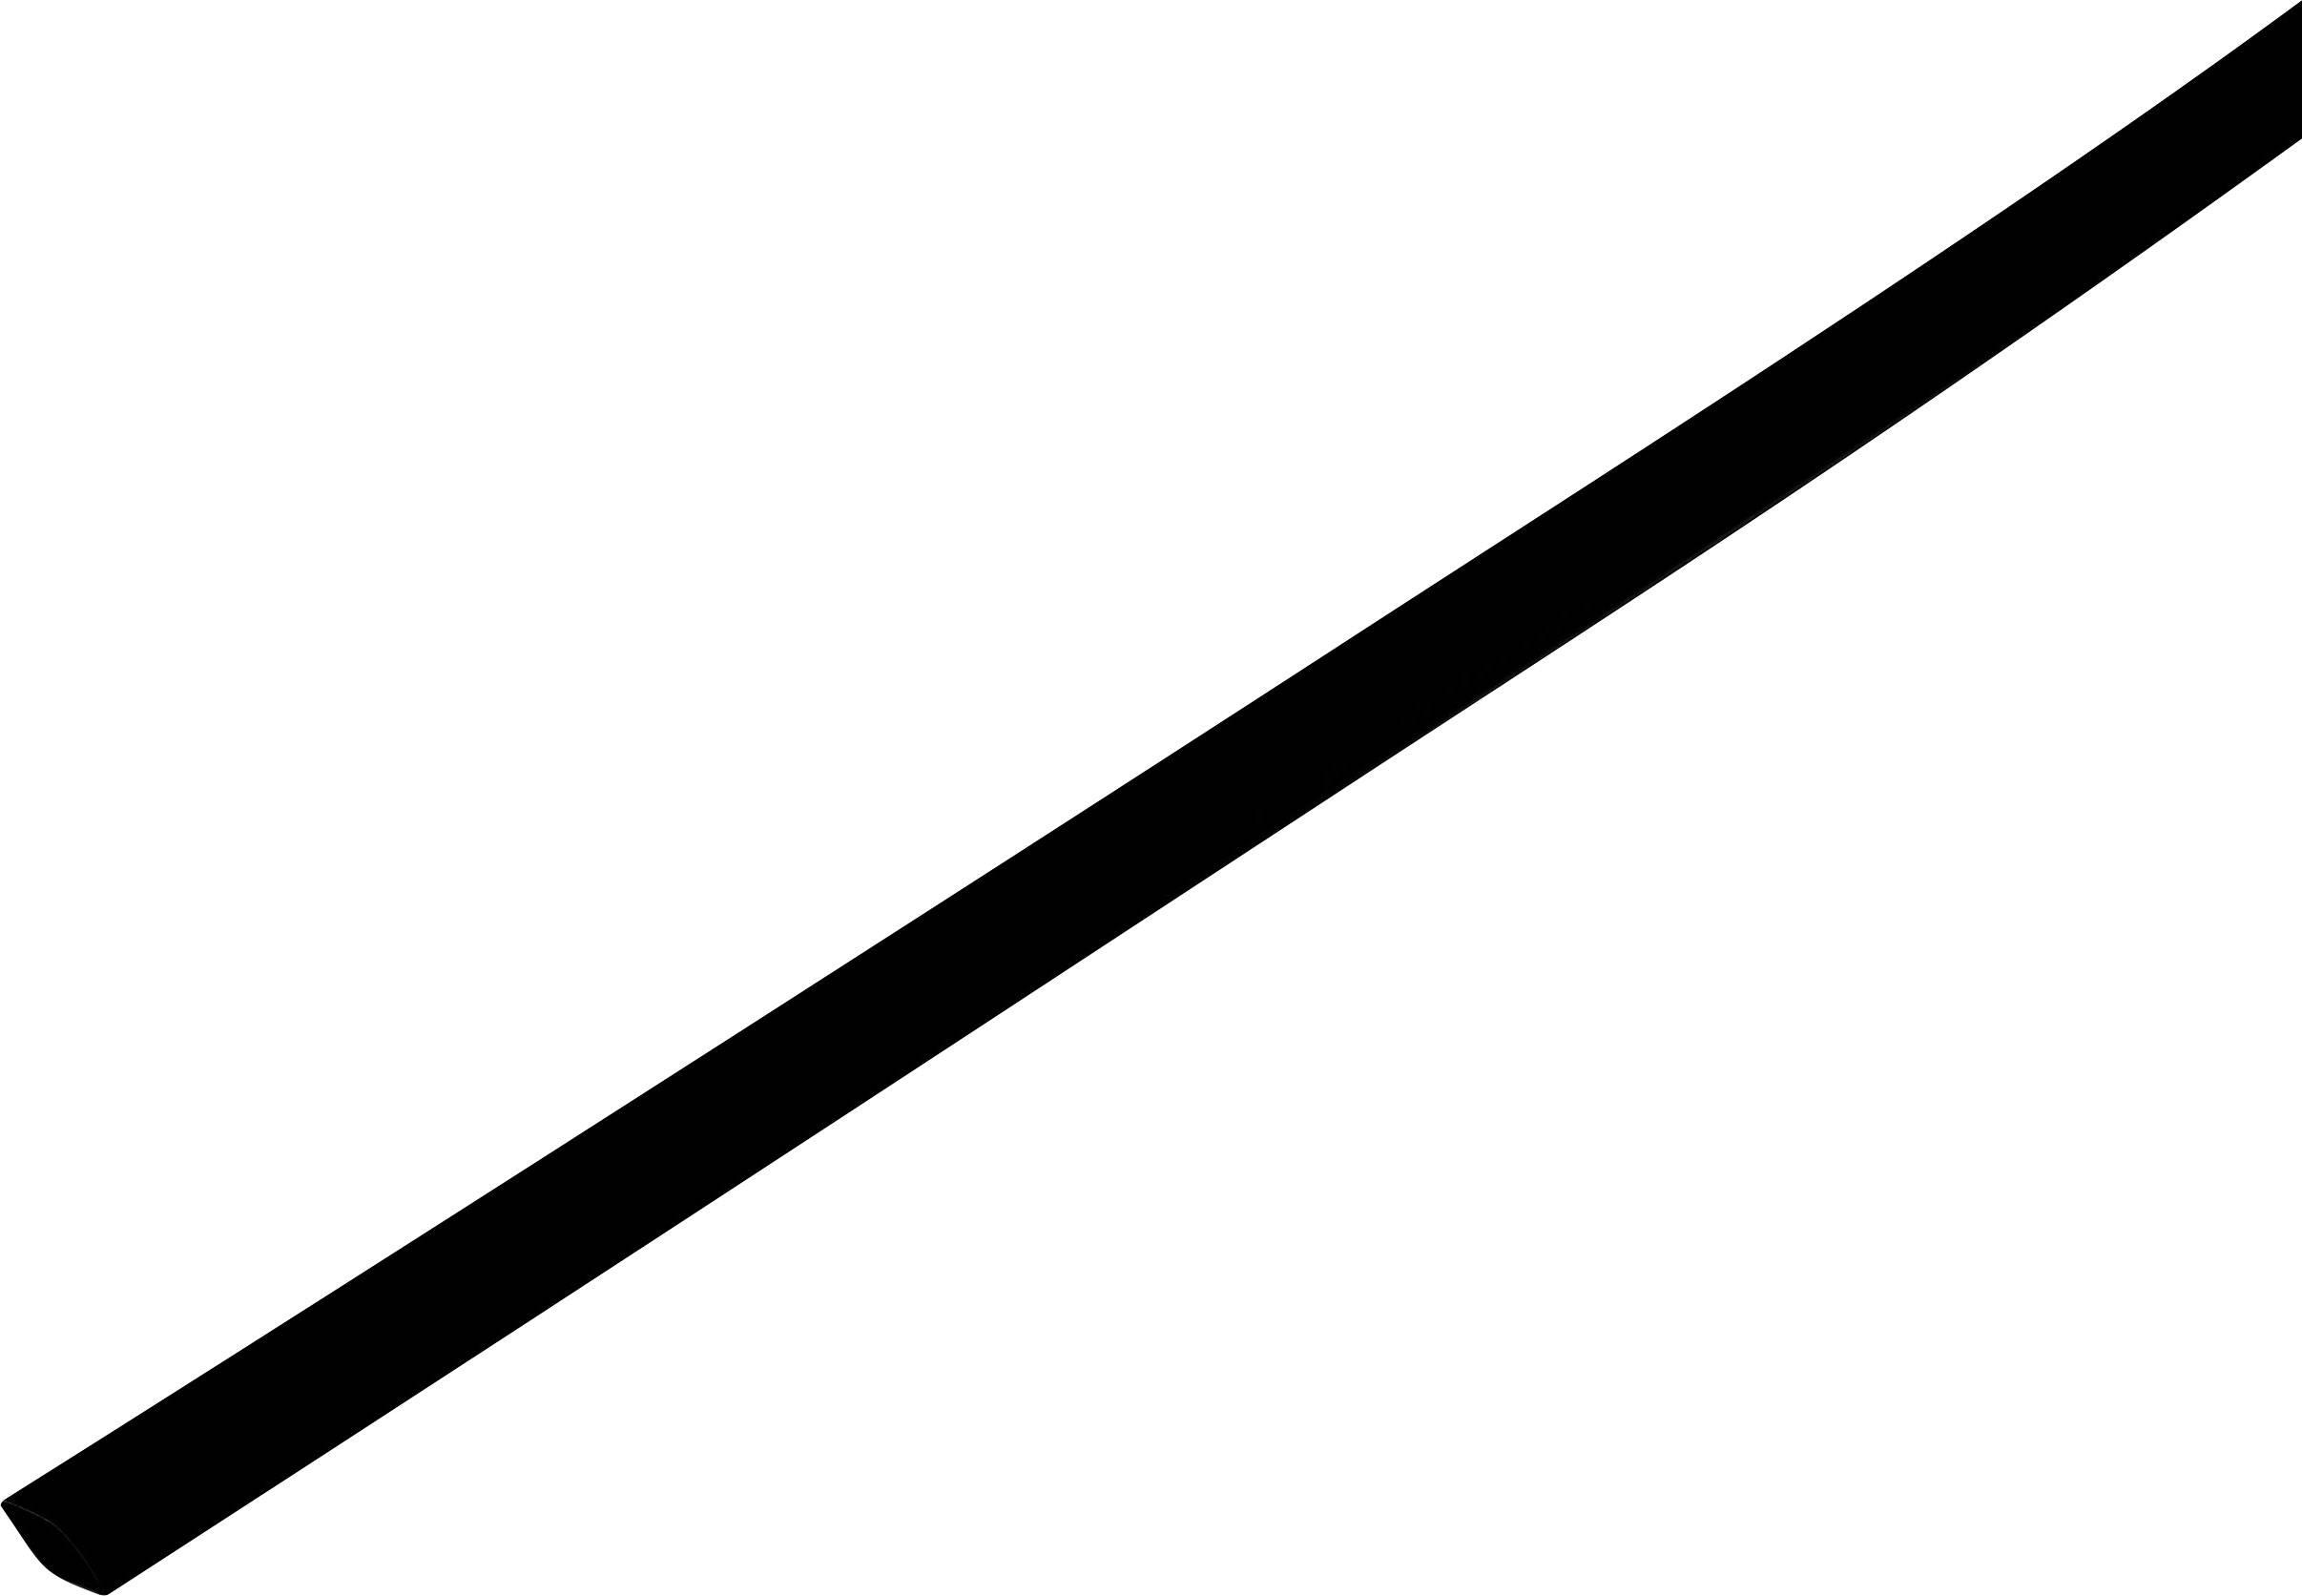 Zmršťovacia bužírka bez lepidla TRU COMPONENTS 1225410, 2:1, 1 mm, čierna, metrový tovar